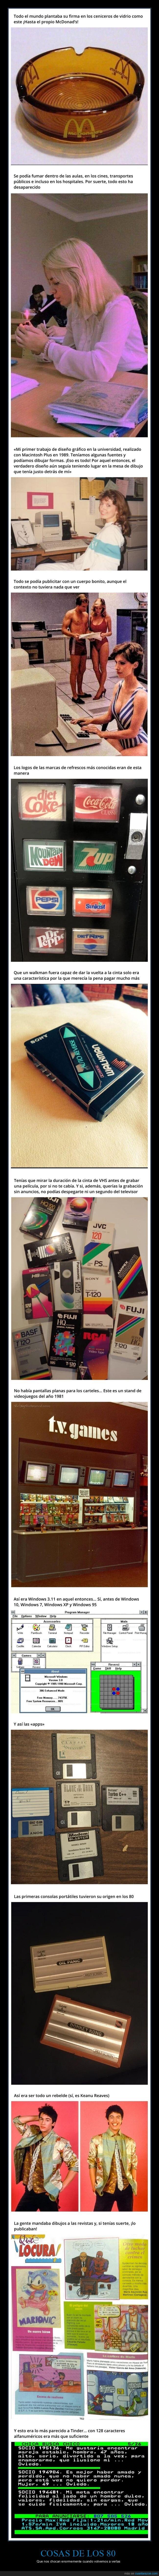 años 80,objetos,retro